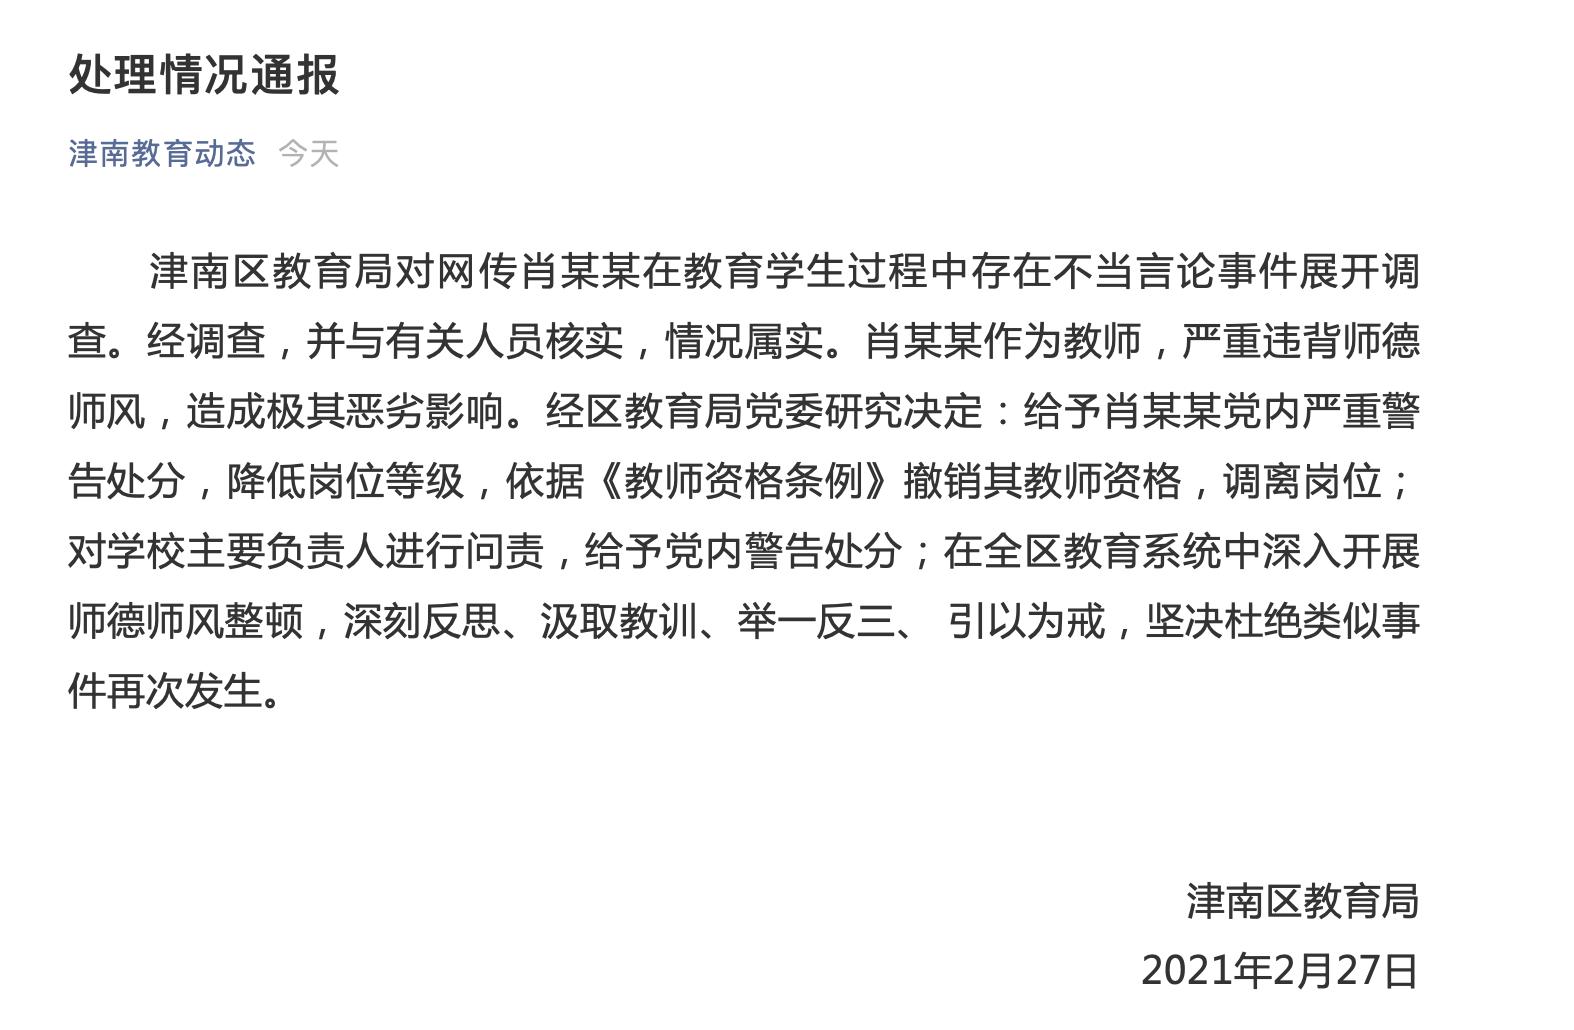 天津一中学老师被指攀比家长歧视学生后续:撤销其教师资格,调离岗位